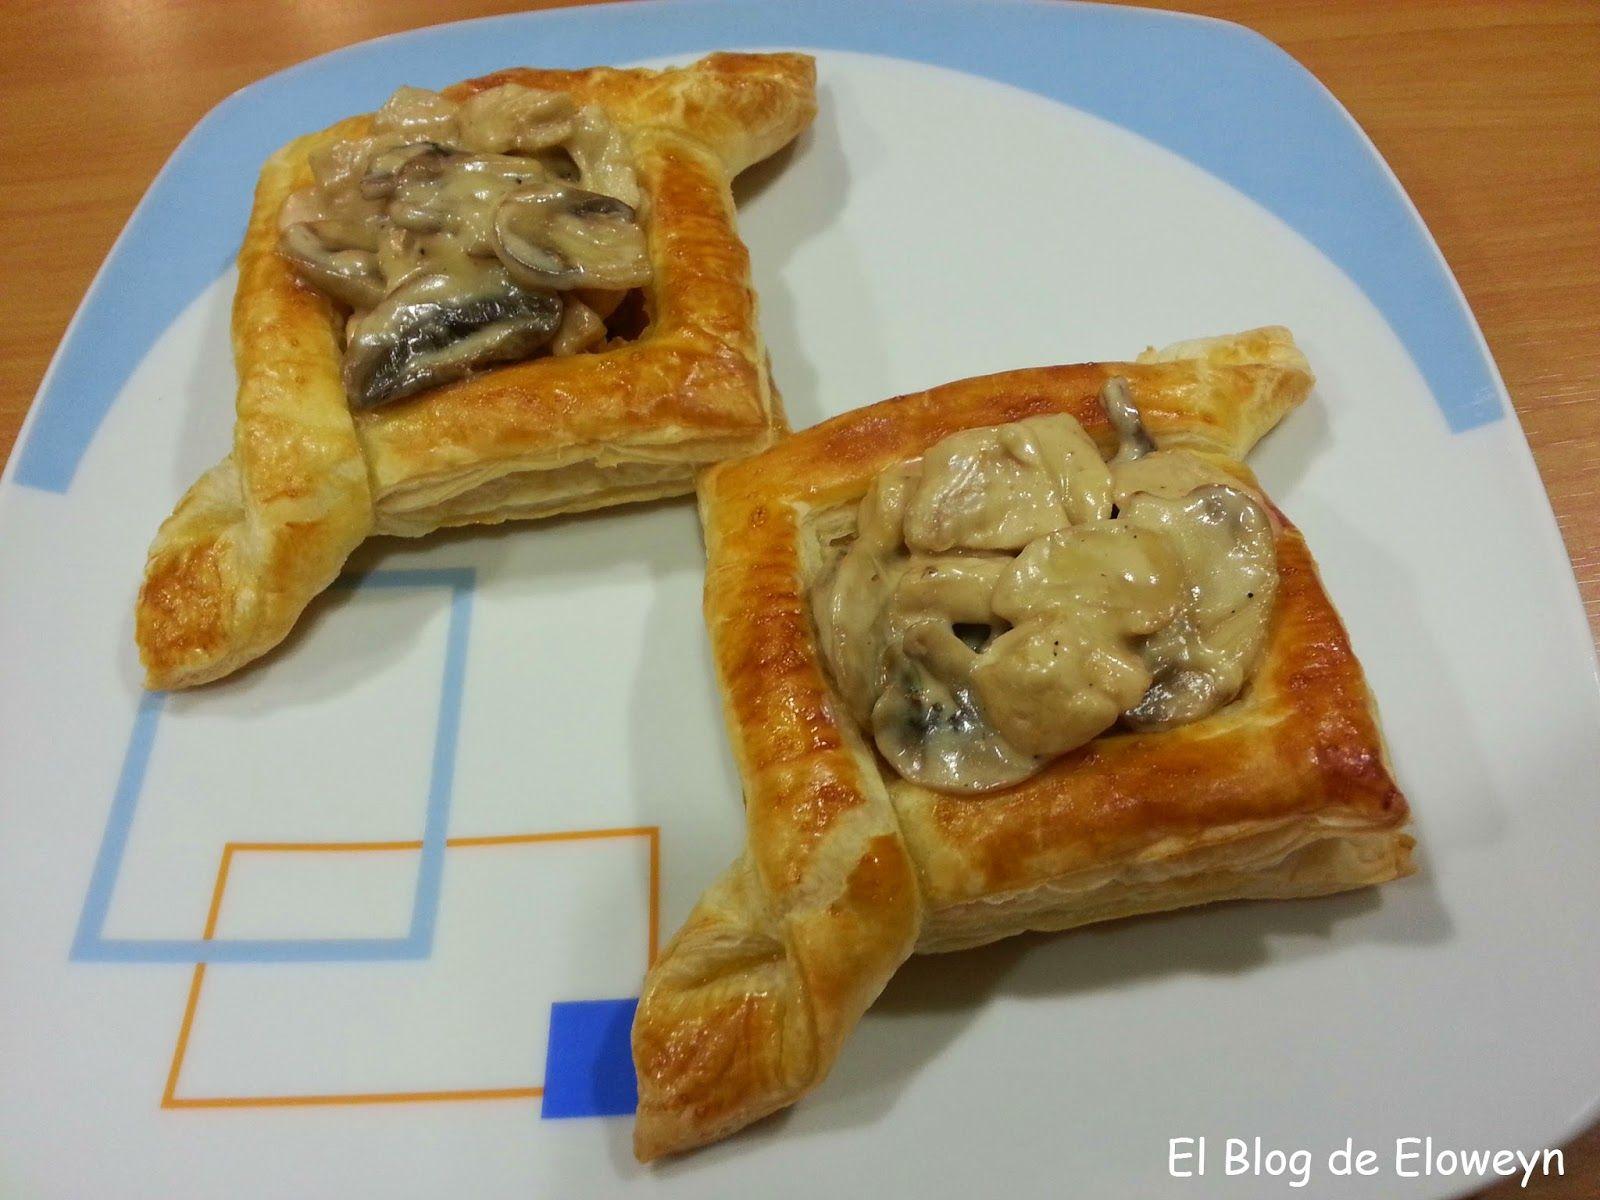 El Blog de Eloweyn: Tartaletas de hojaldre rellenas de pollo y champiñones al Pedro Ximenez